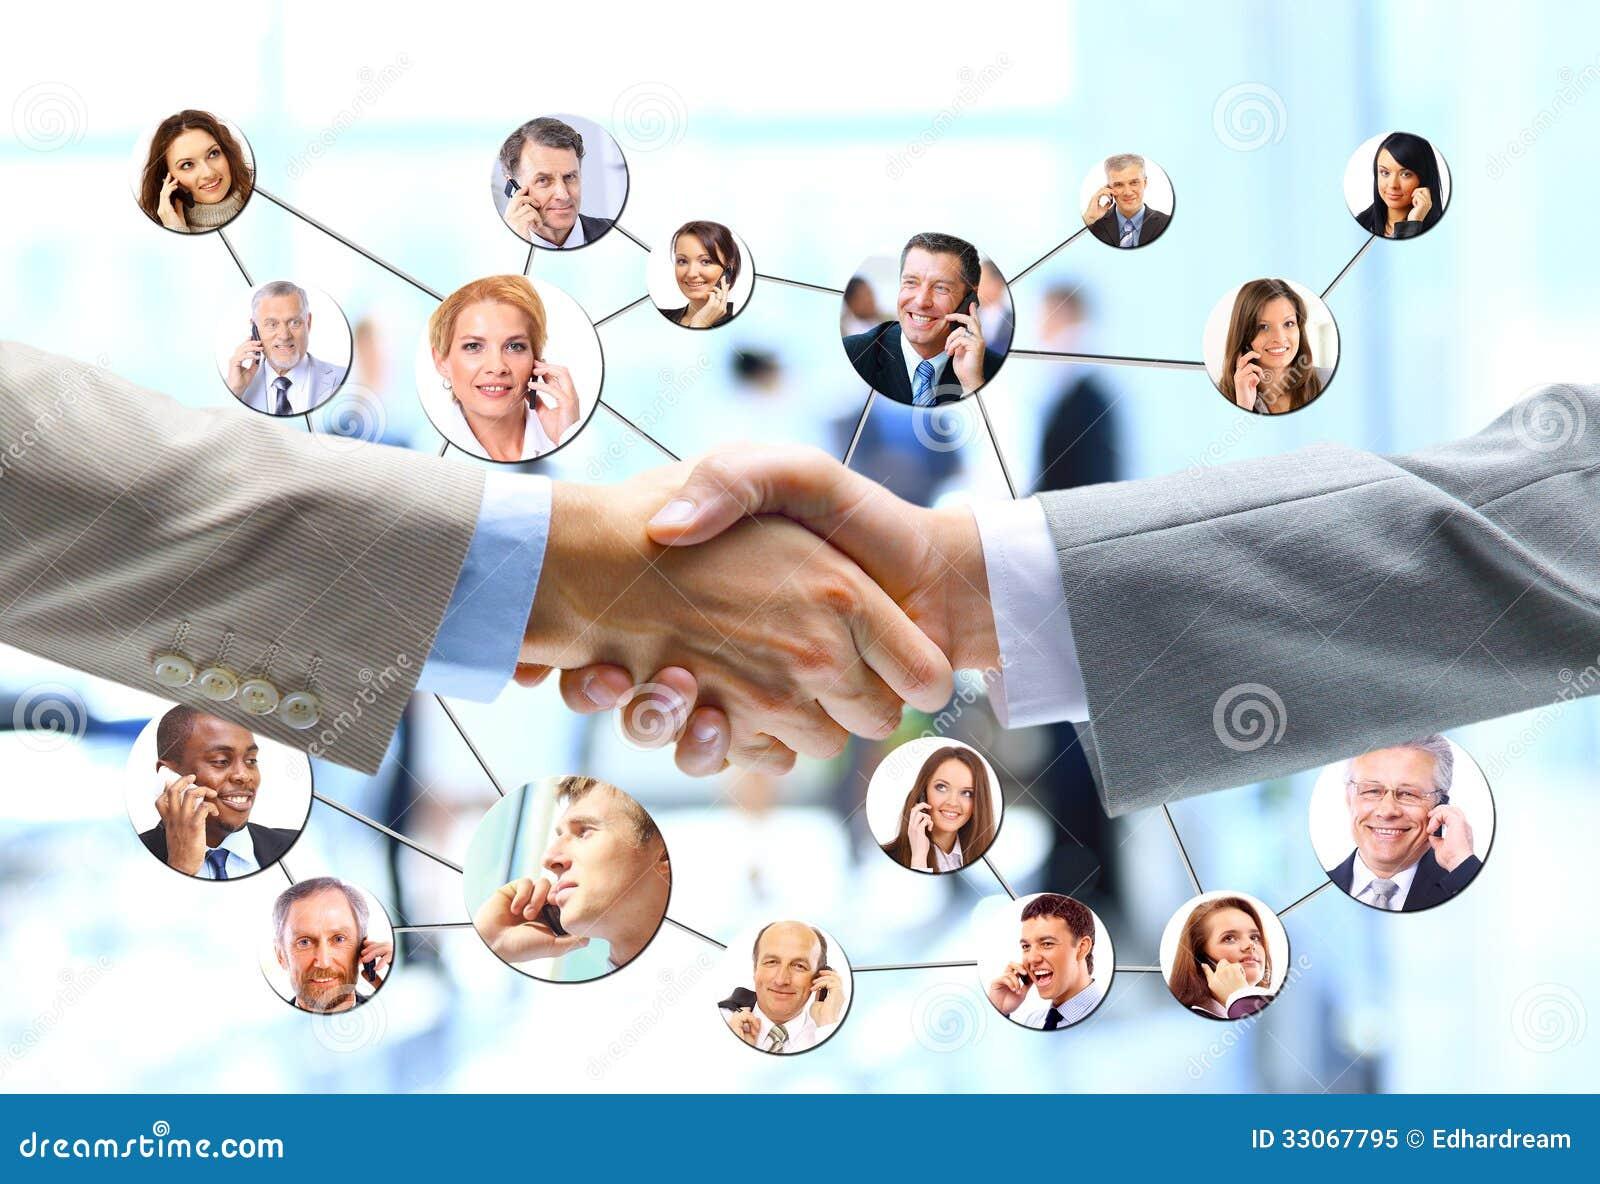 Бизнесмены рукопожатия с командой компании